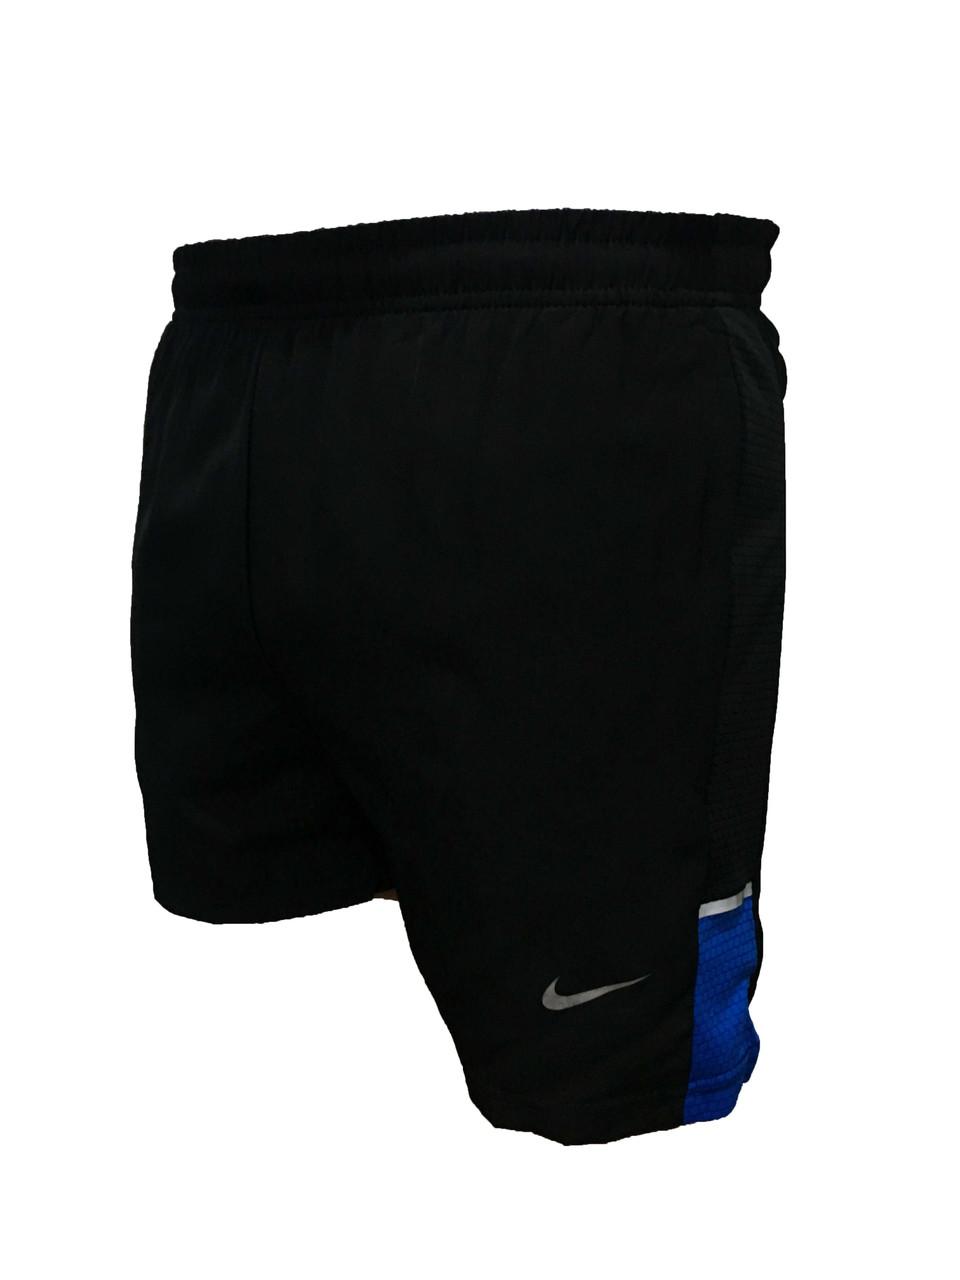 Мужские черные короткие плавательные шорты стрейч плащевка (Реплика)